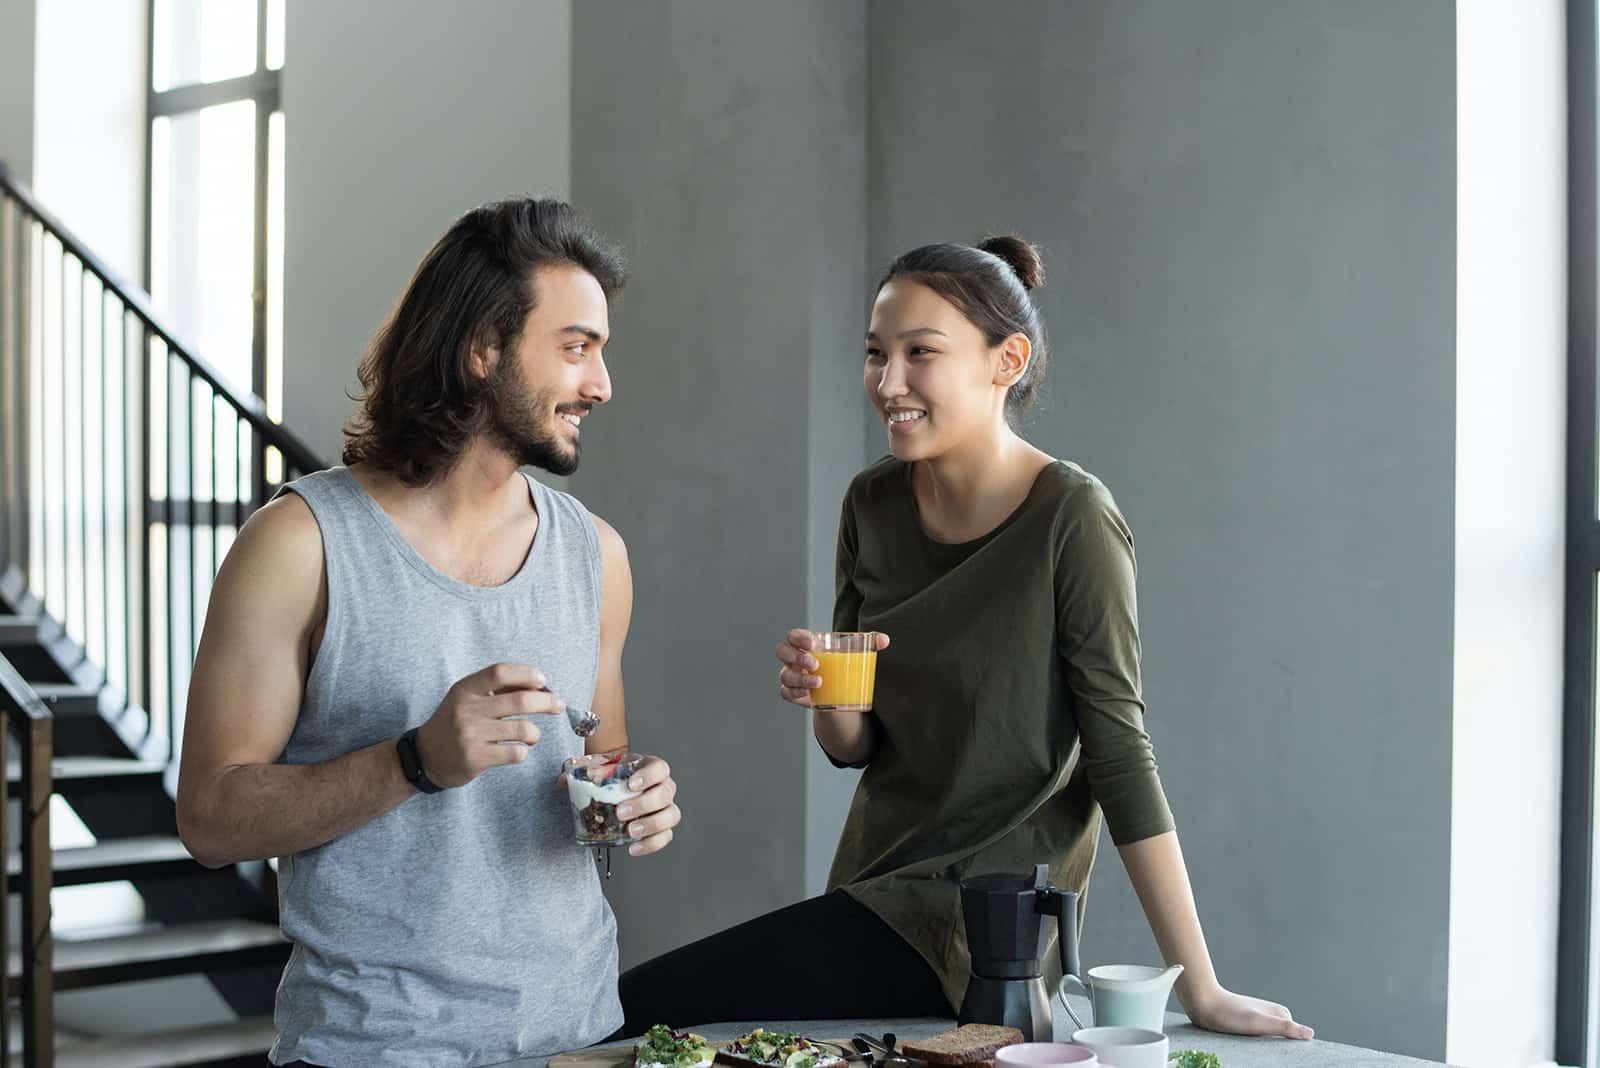 Ein Mann und eine Frau frühstücken zusammen, lächeln und schauen sich an